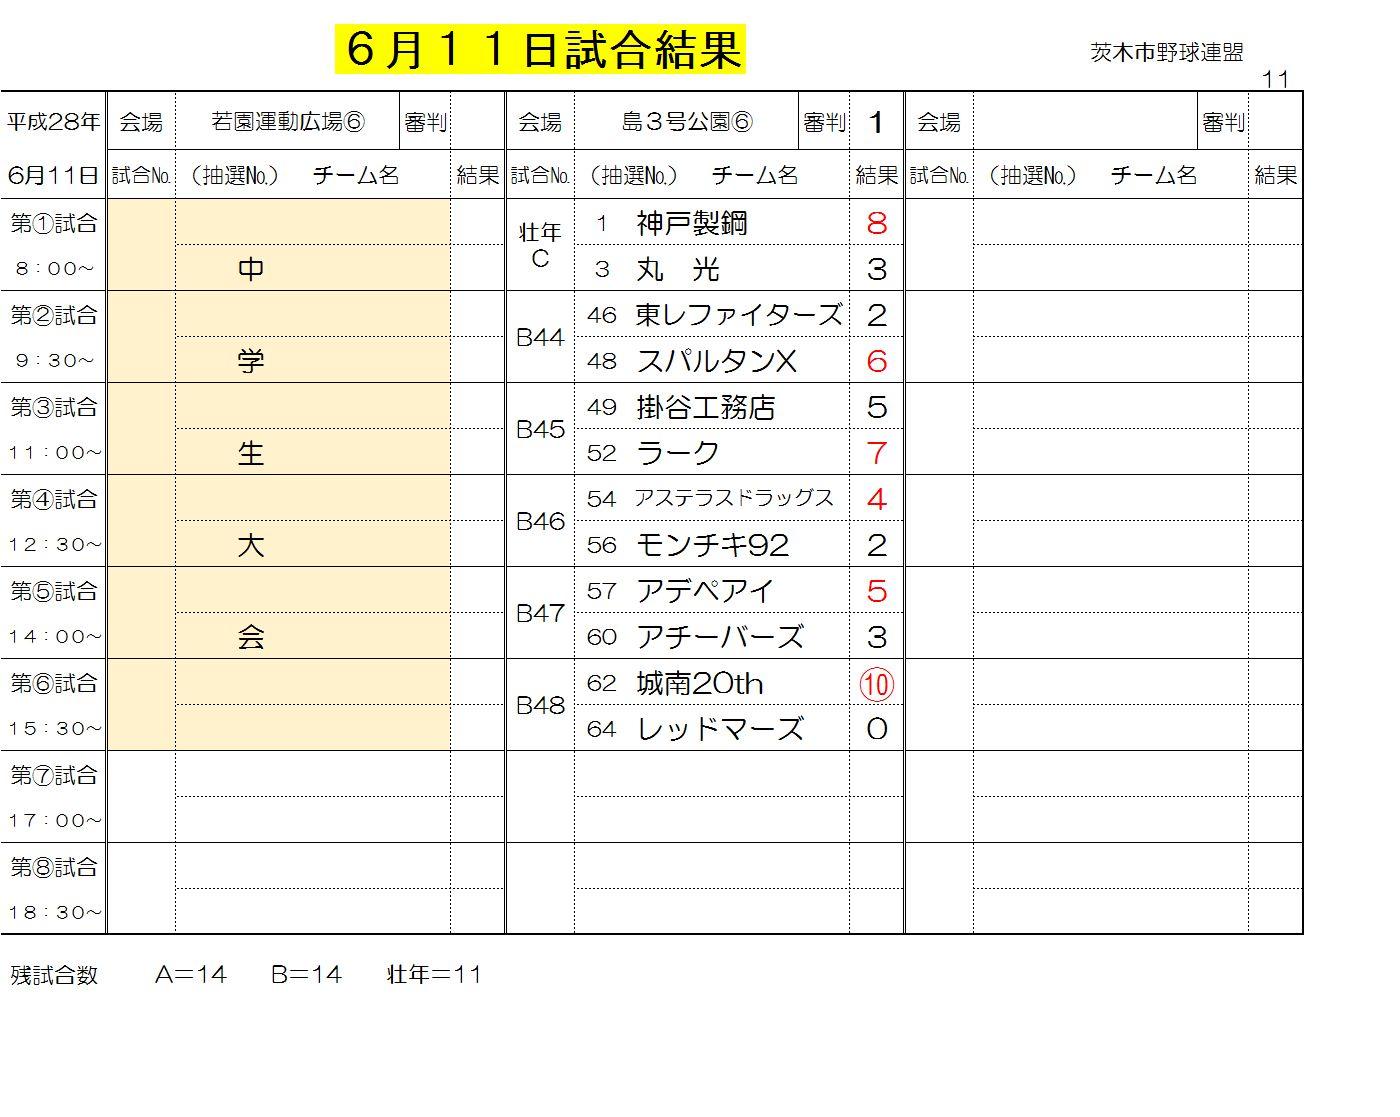 6月11日試合結果 一般